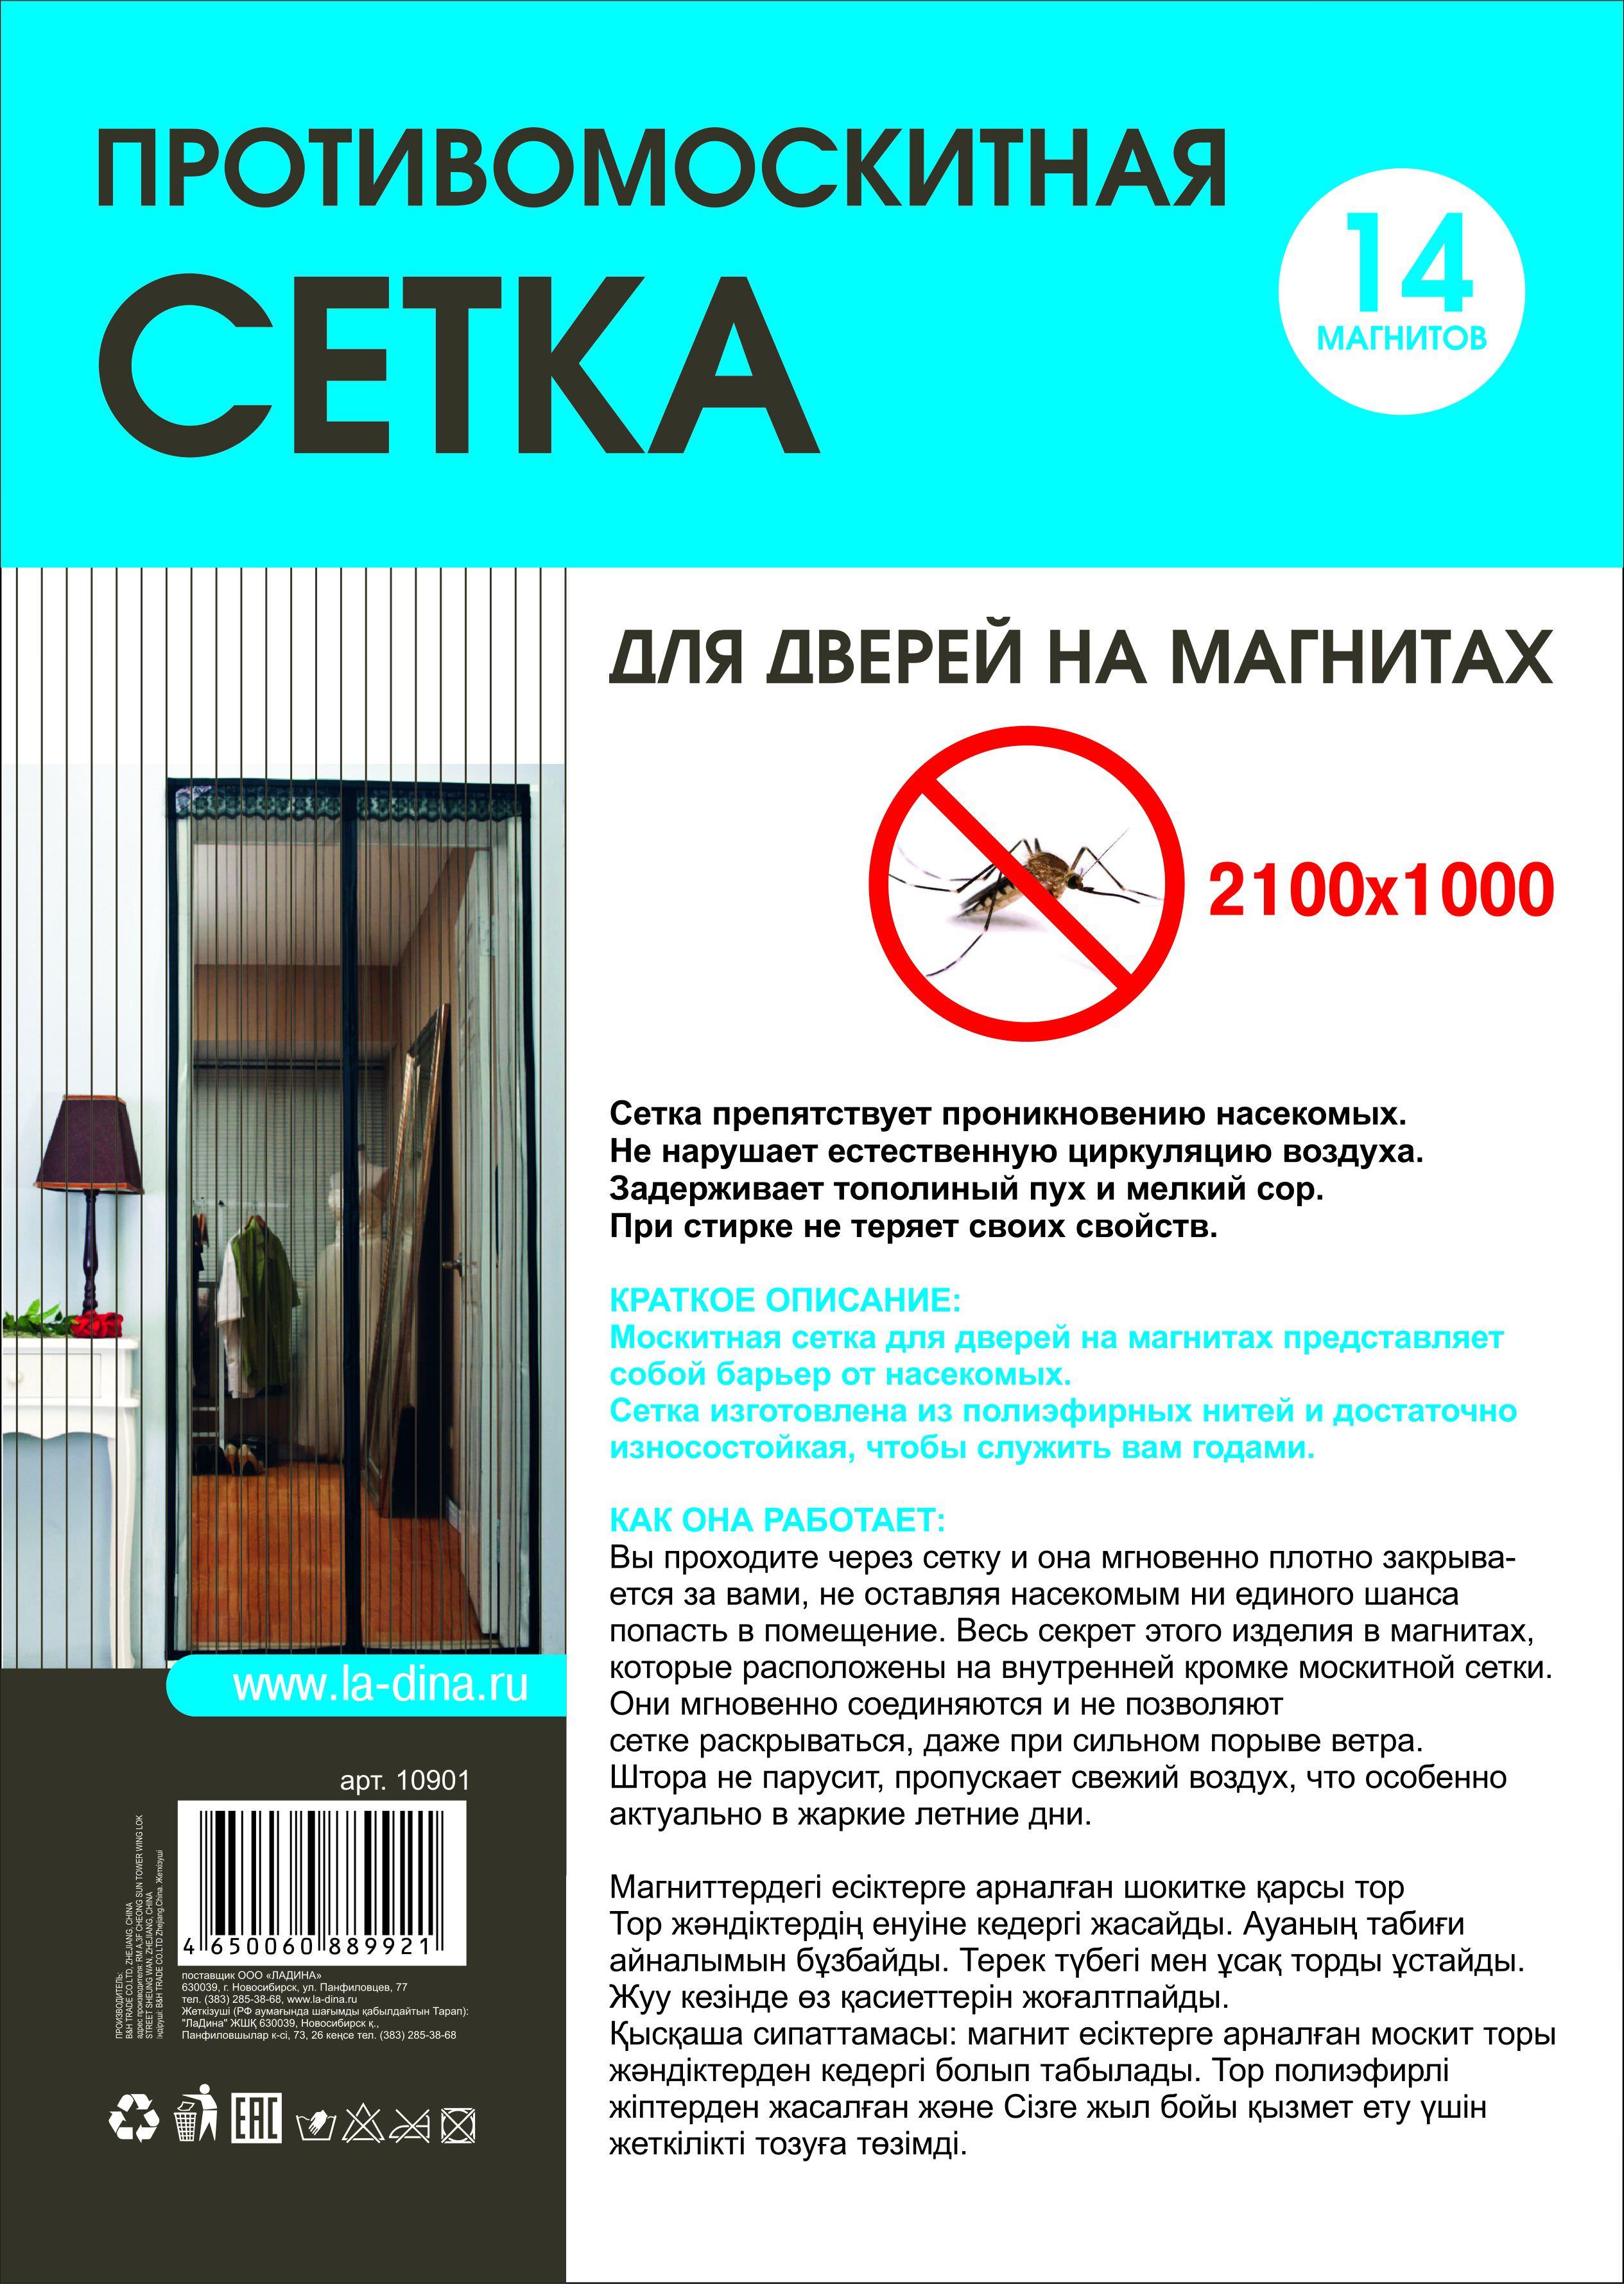 Дверная антимоскитная сетка 2100*1000 (14 магнитов) 5 цветов/100